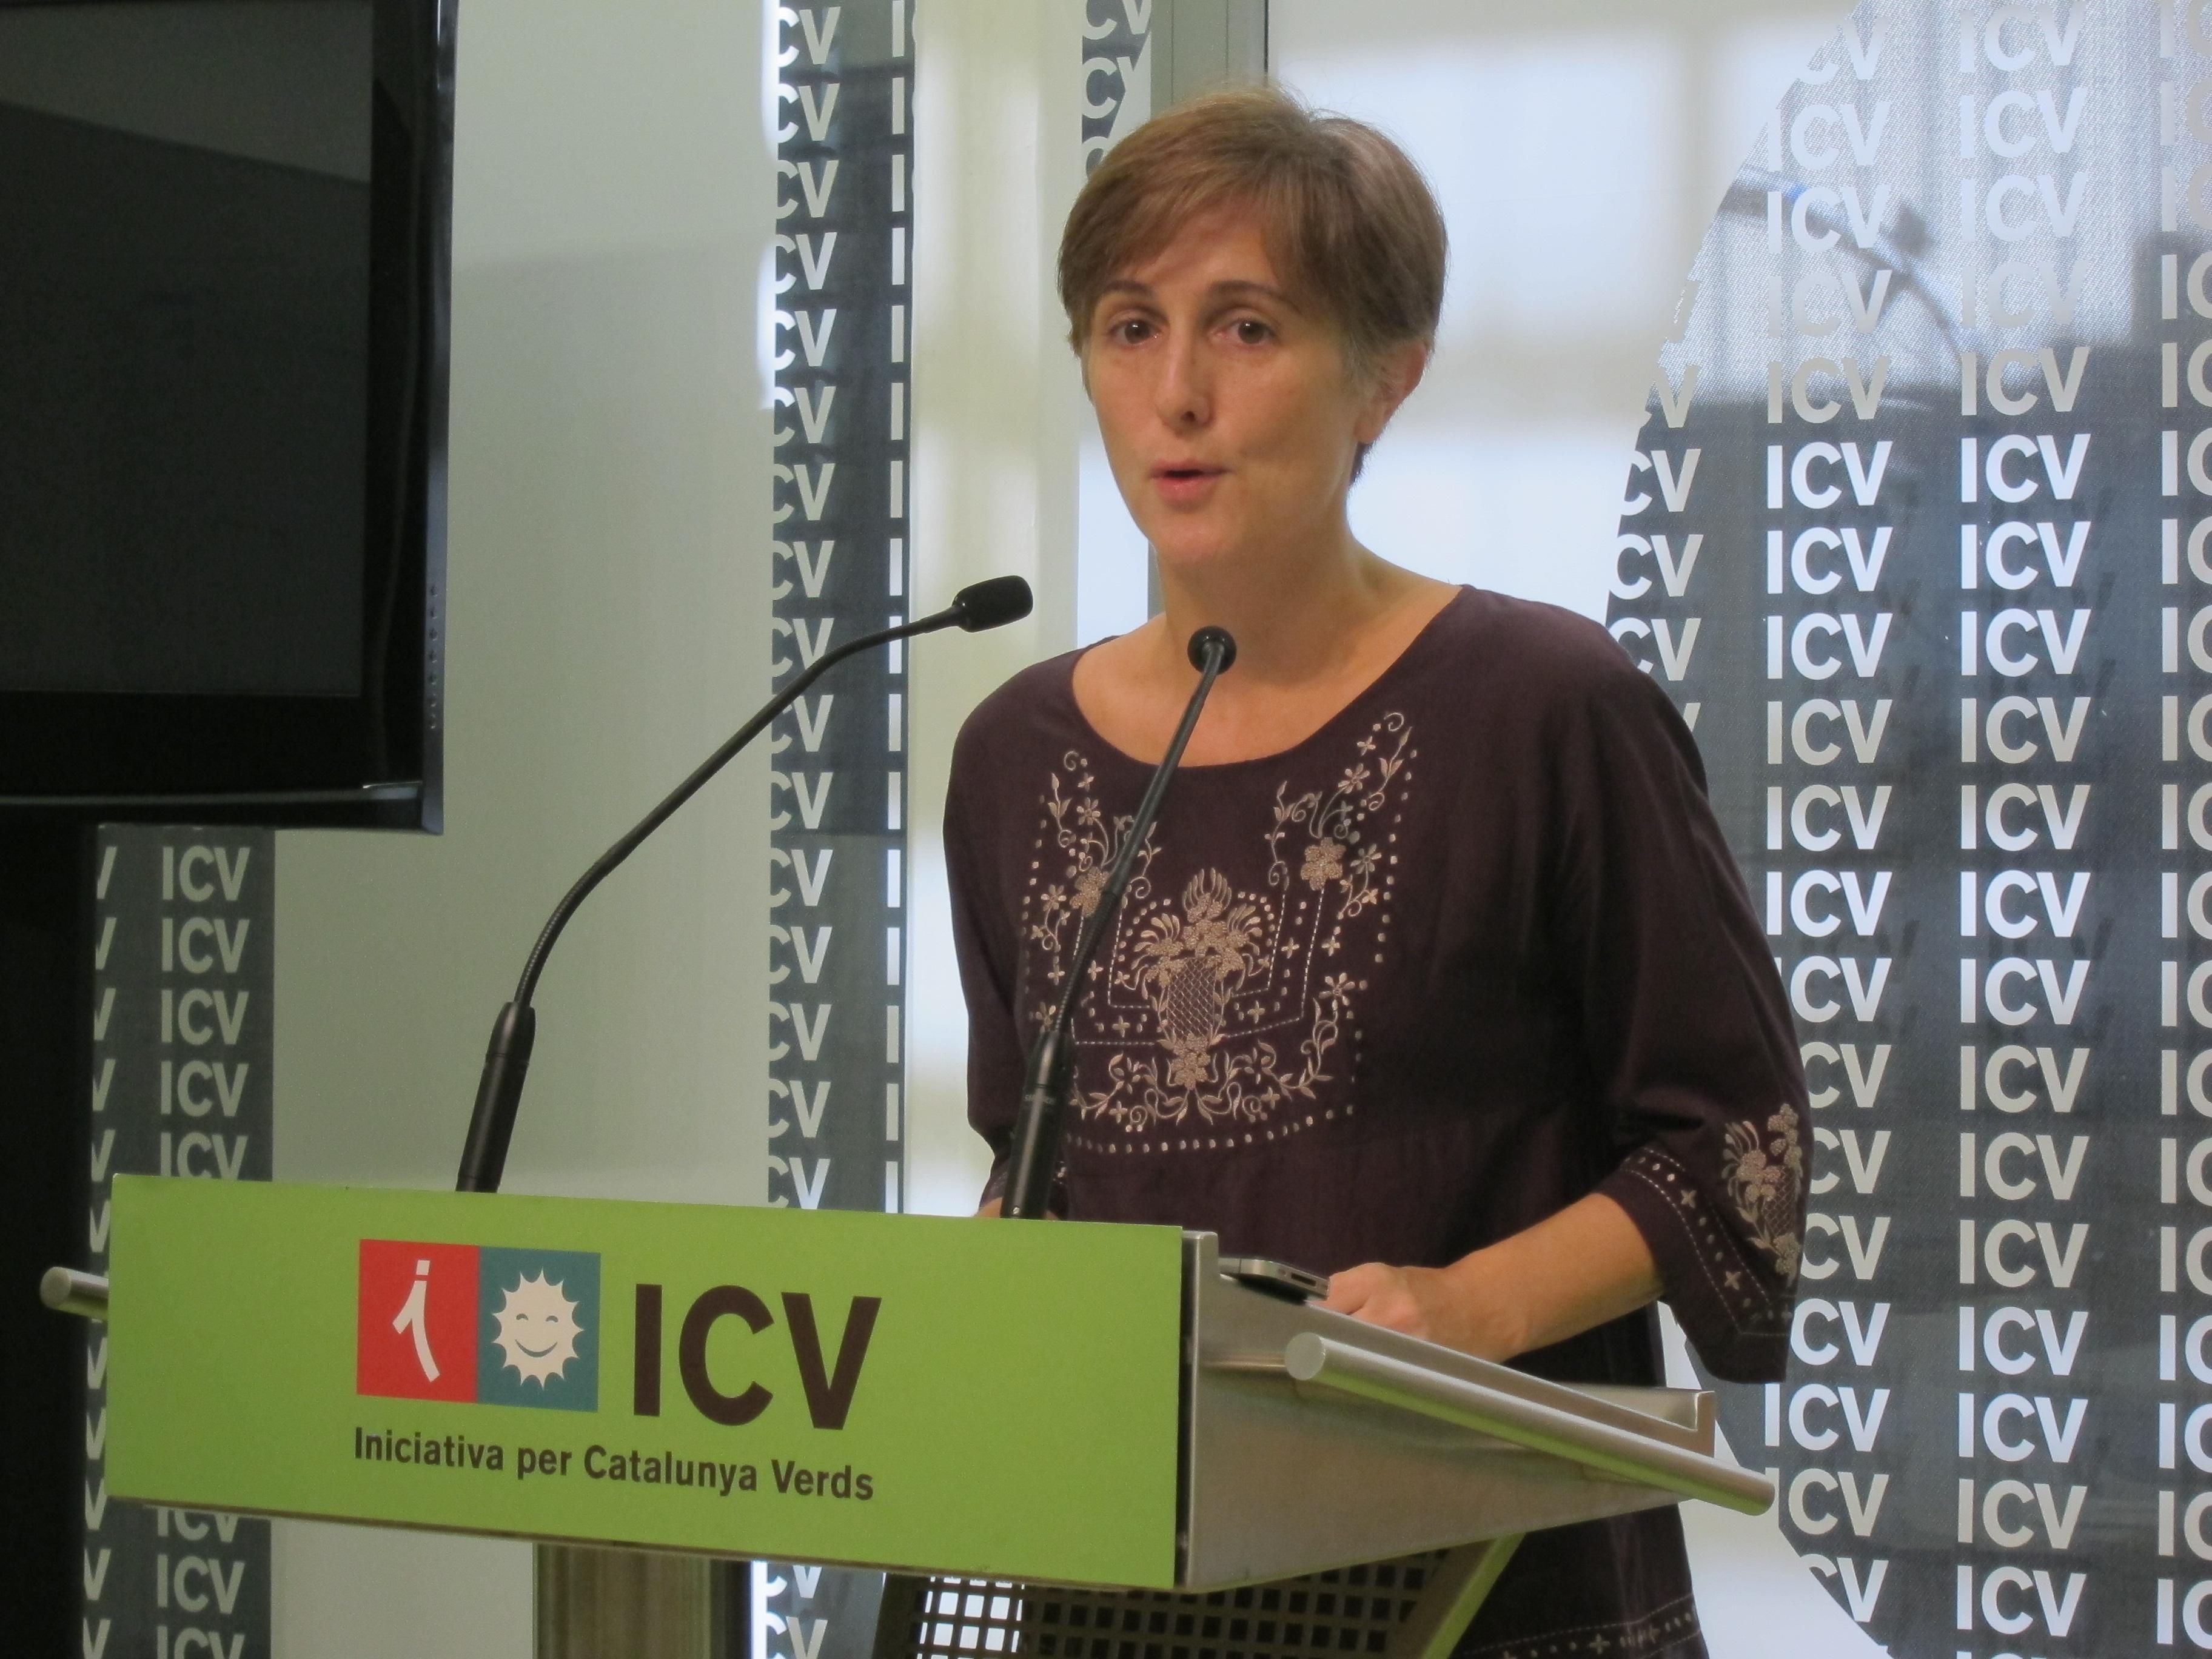 ICV-EUiA propone al Parlament concretar en 30 días la vías legales del »derecho a decidir»